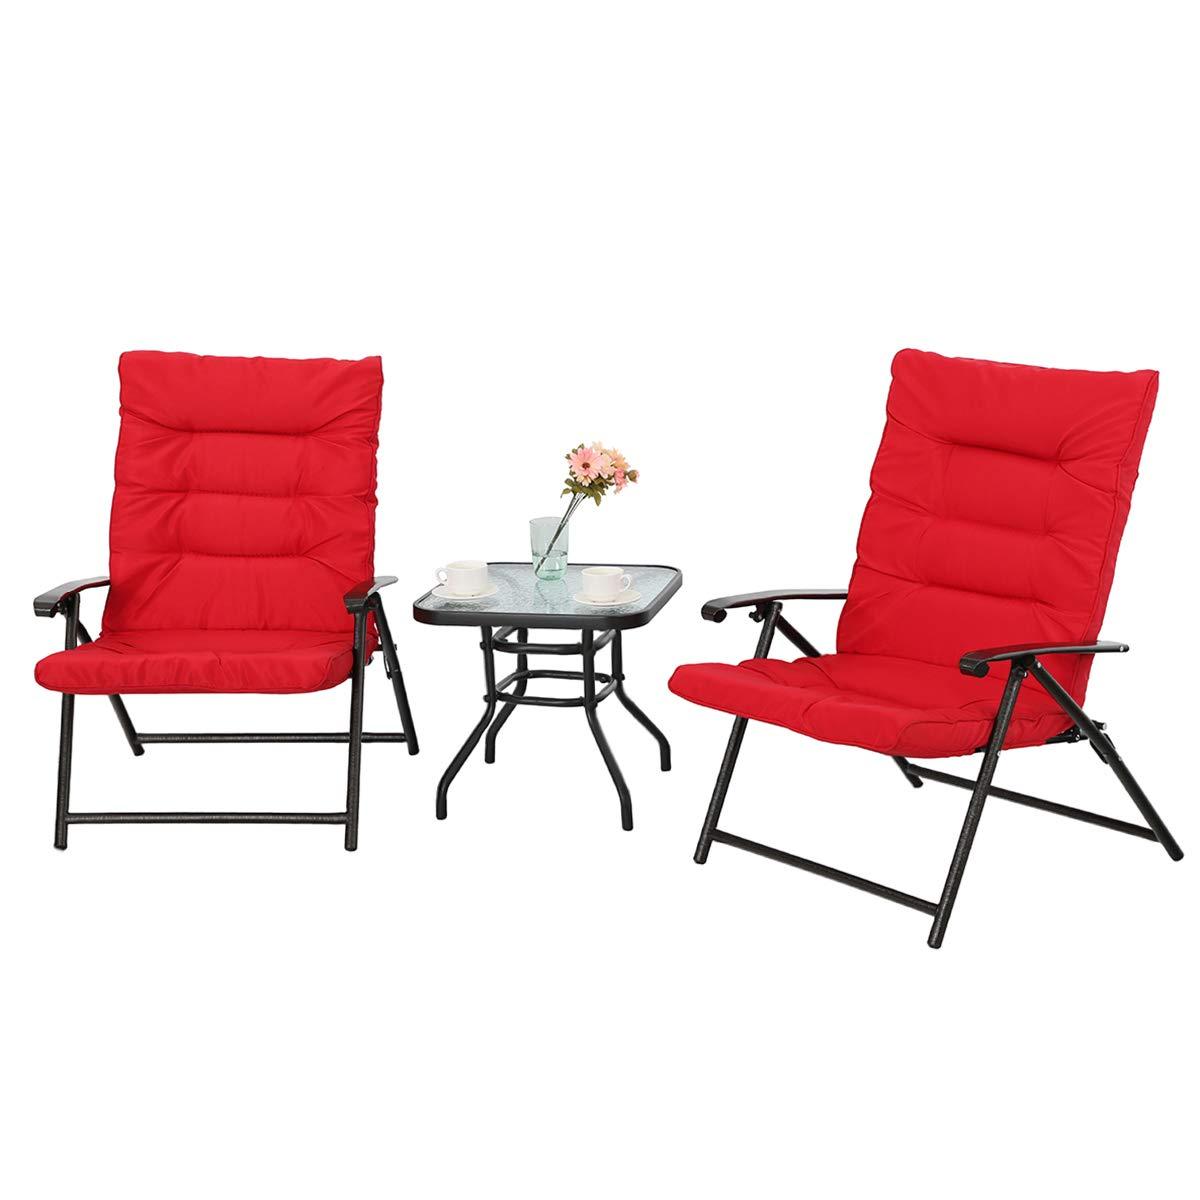 Recliner Garden Chair Cushions Chair Pads Amp Cushions